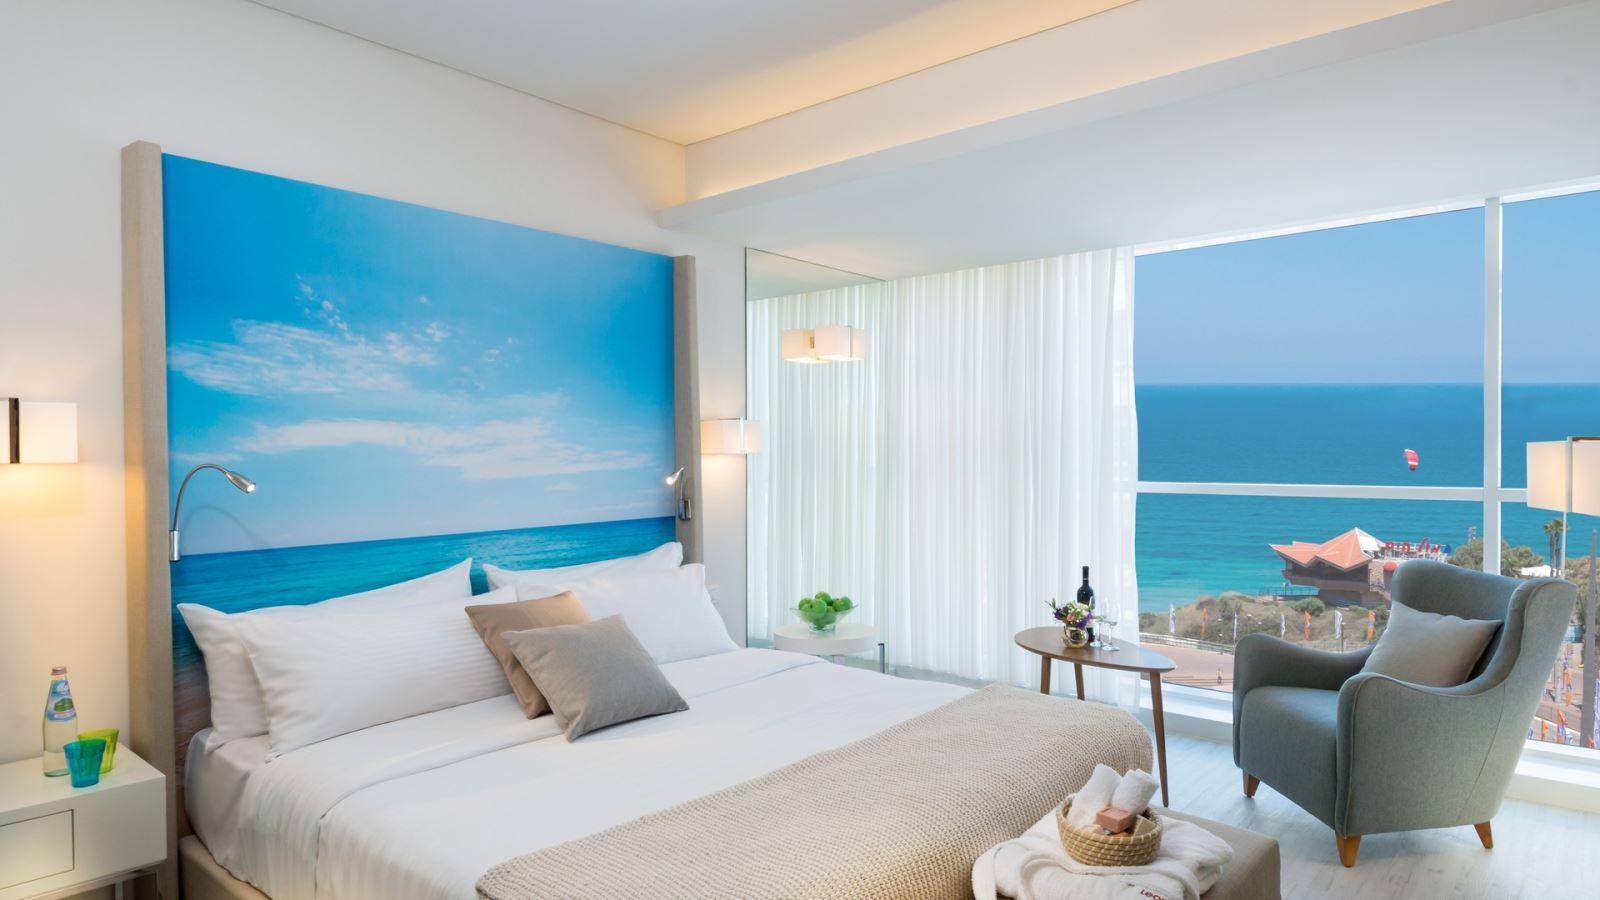 חופשה במלון לאונרדו פלאזה נתניה ב-40% הנחה!